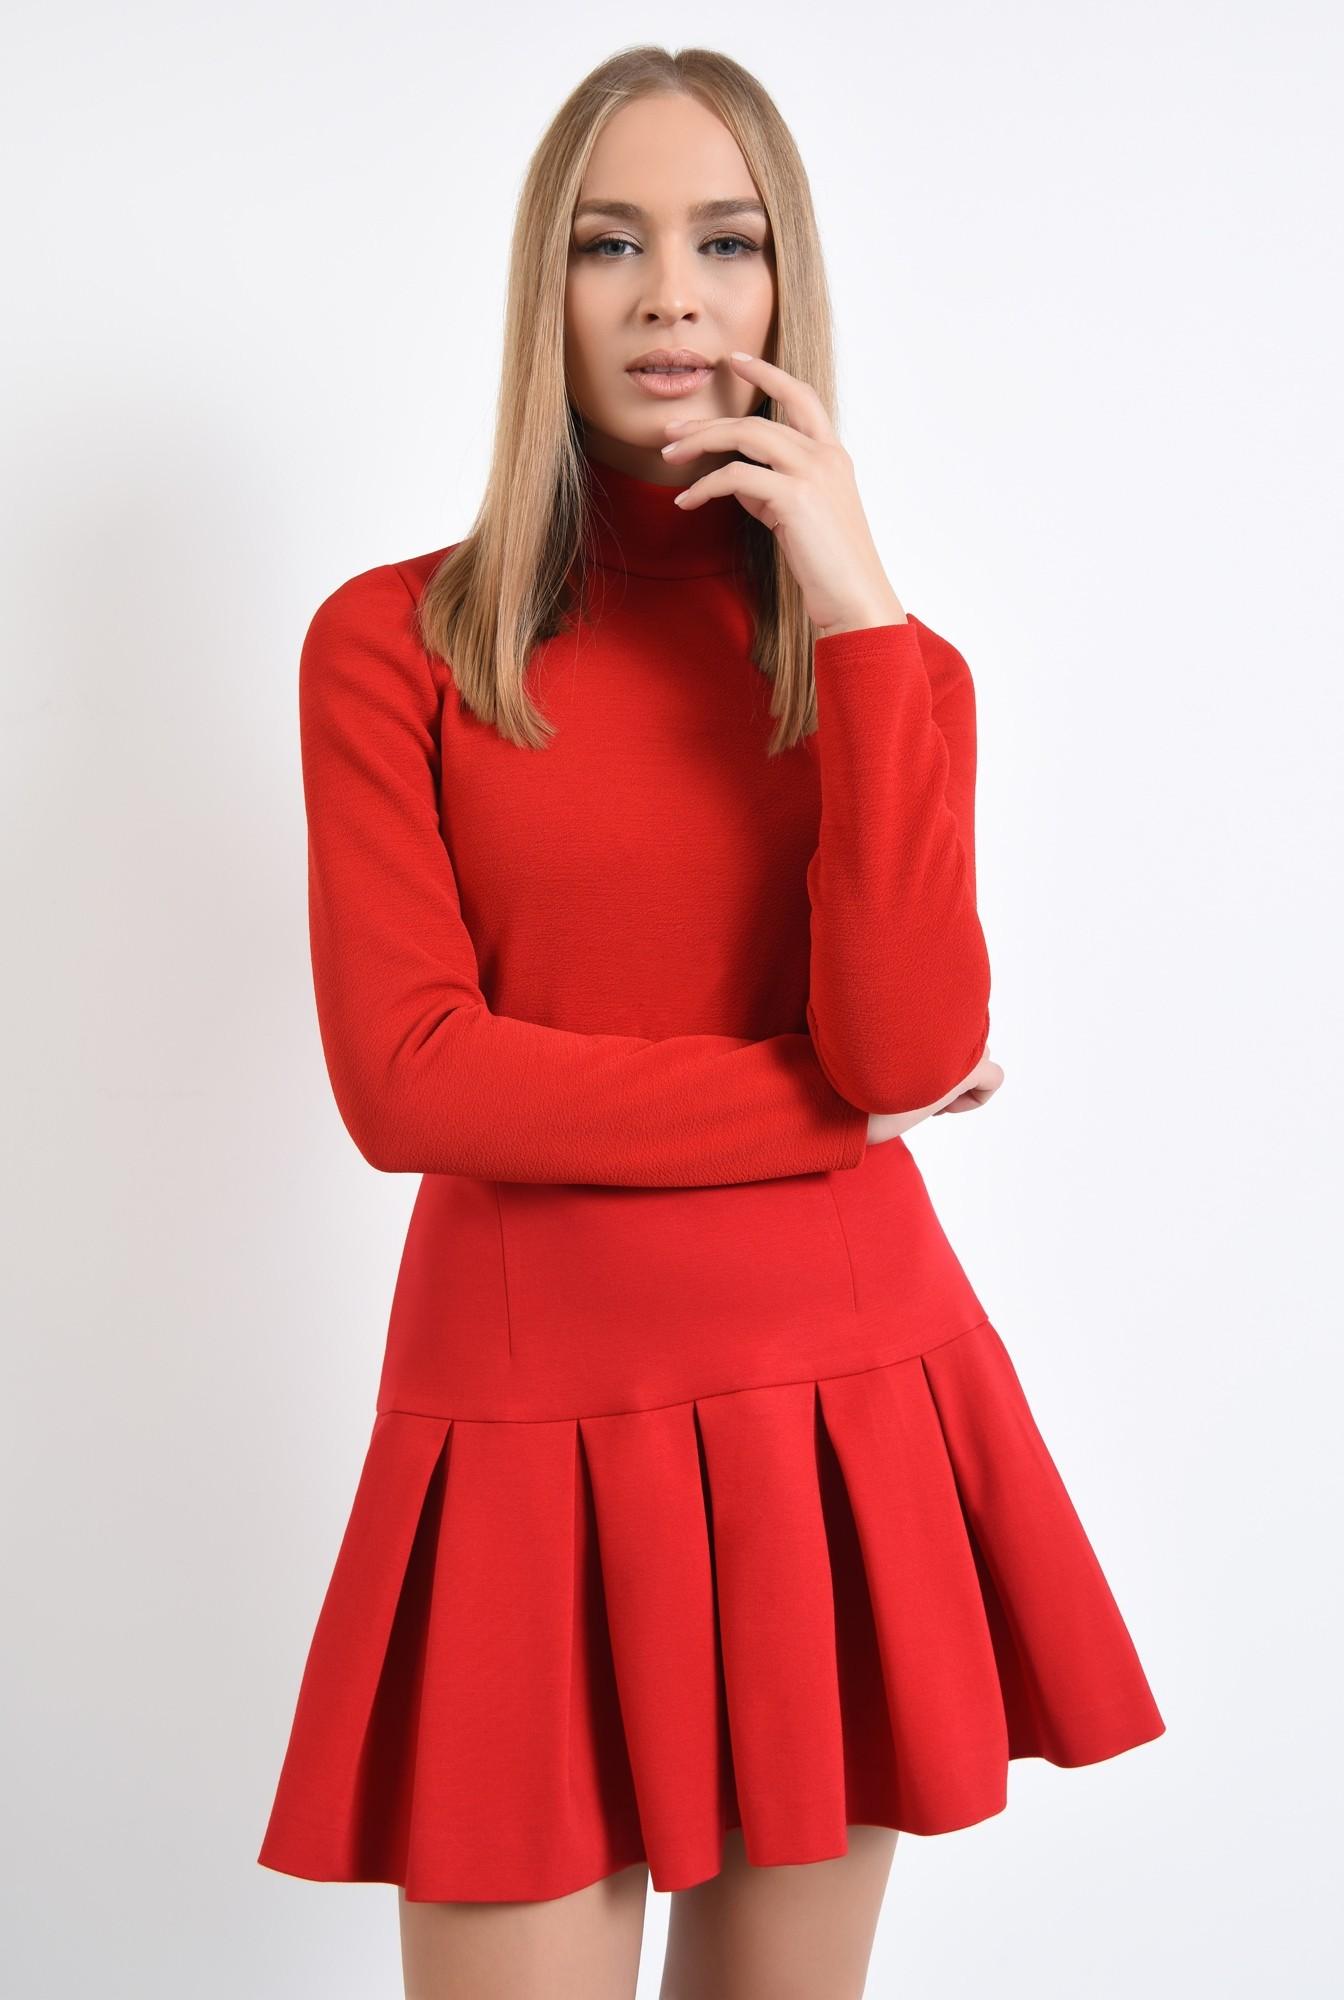 0 - 360 - bluza casual, bluza de dama, colectie de toamna, bluza basic, maleta, helanca